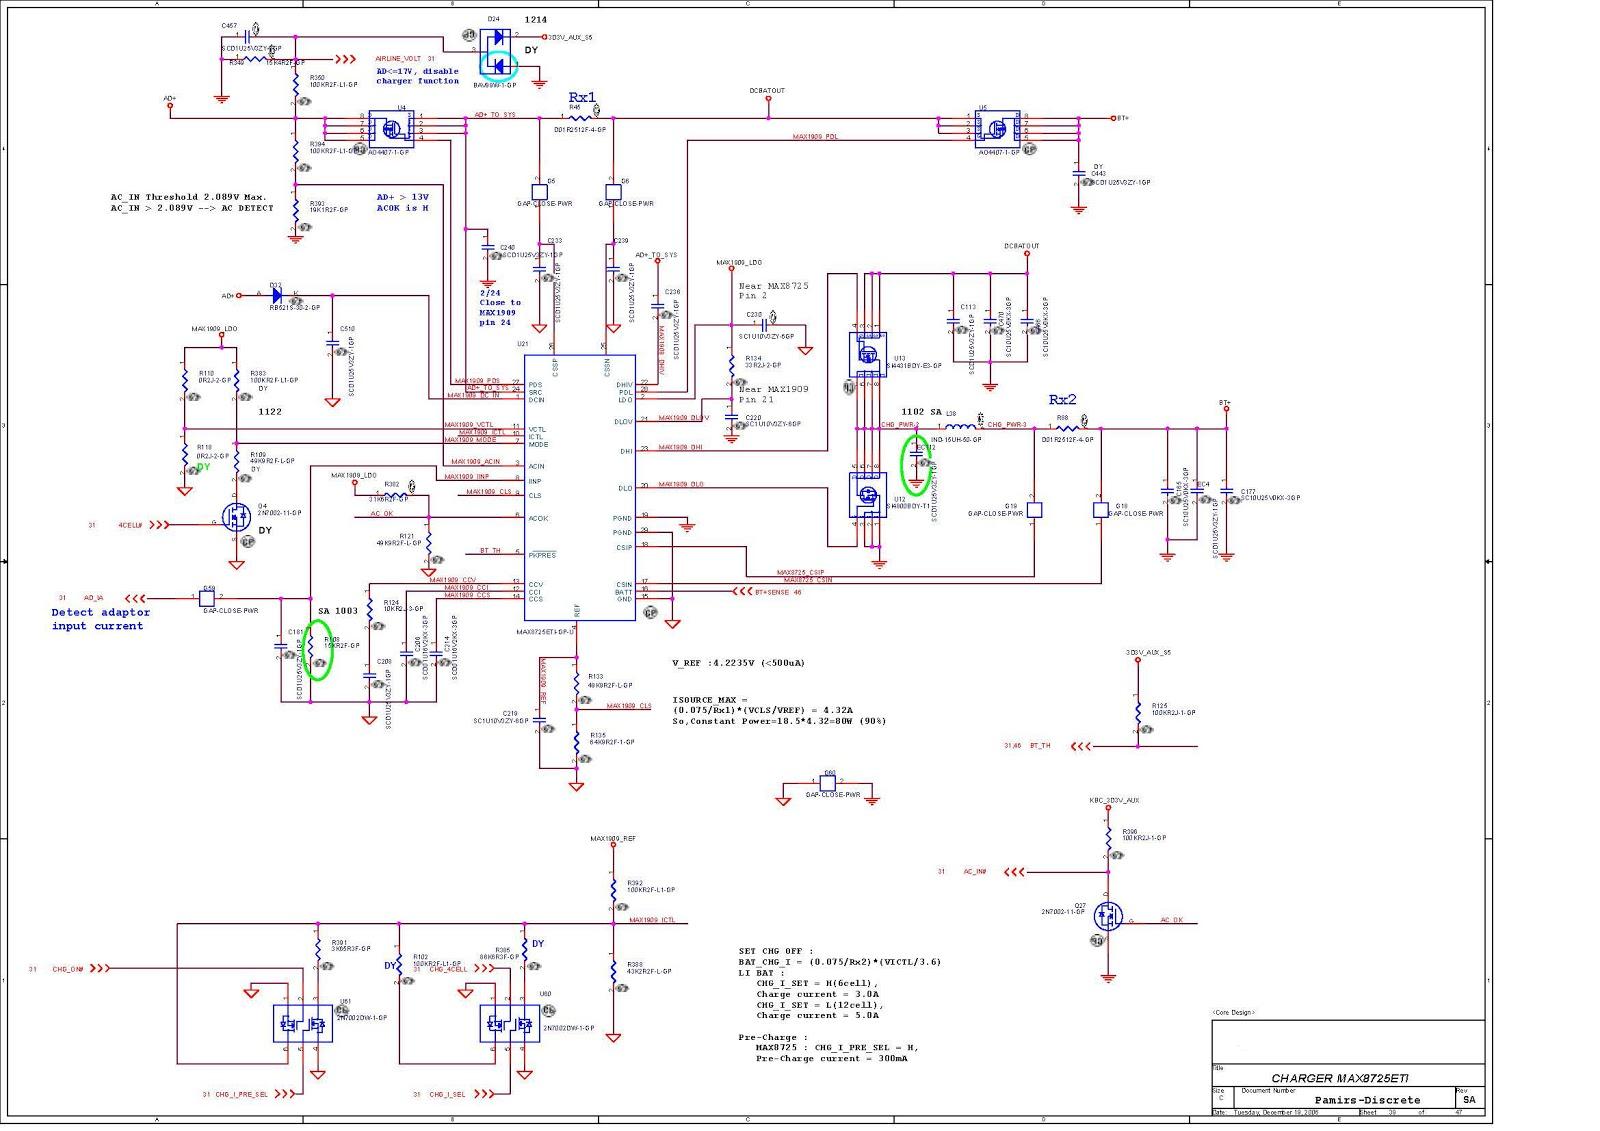 Dell Inspiron Wiring Diagram - Wiring Diagrams Schematics